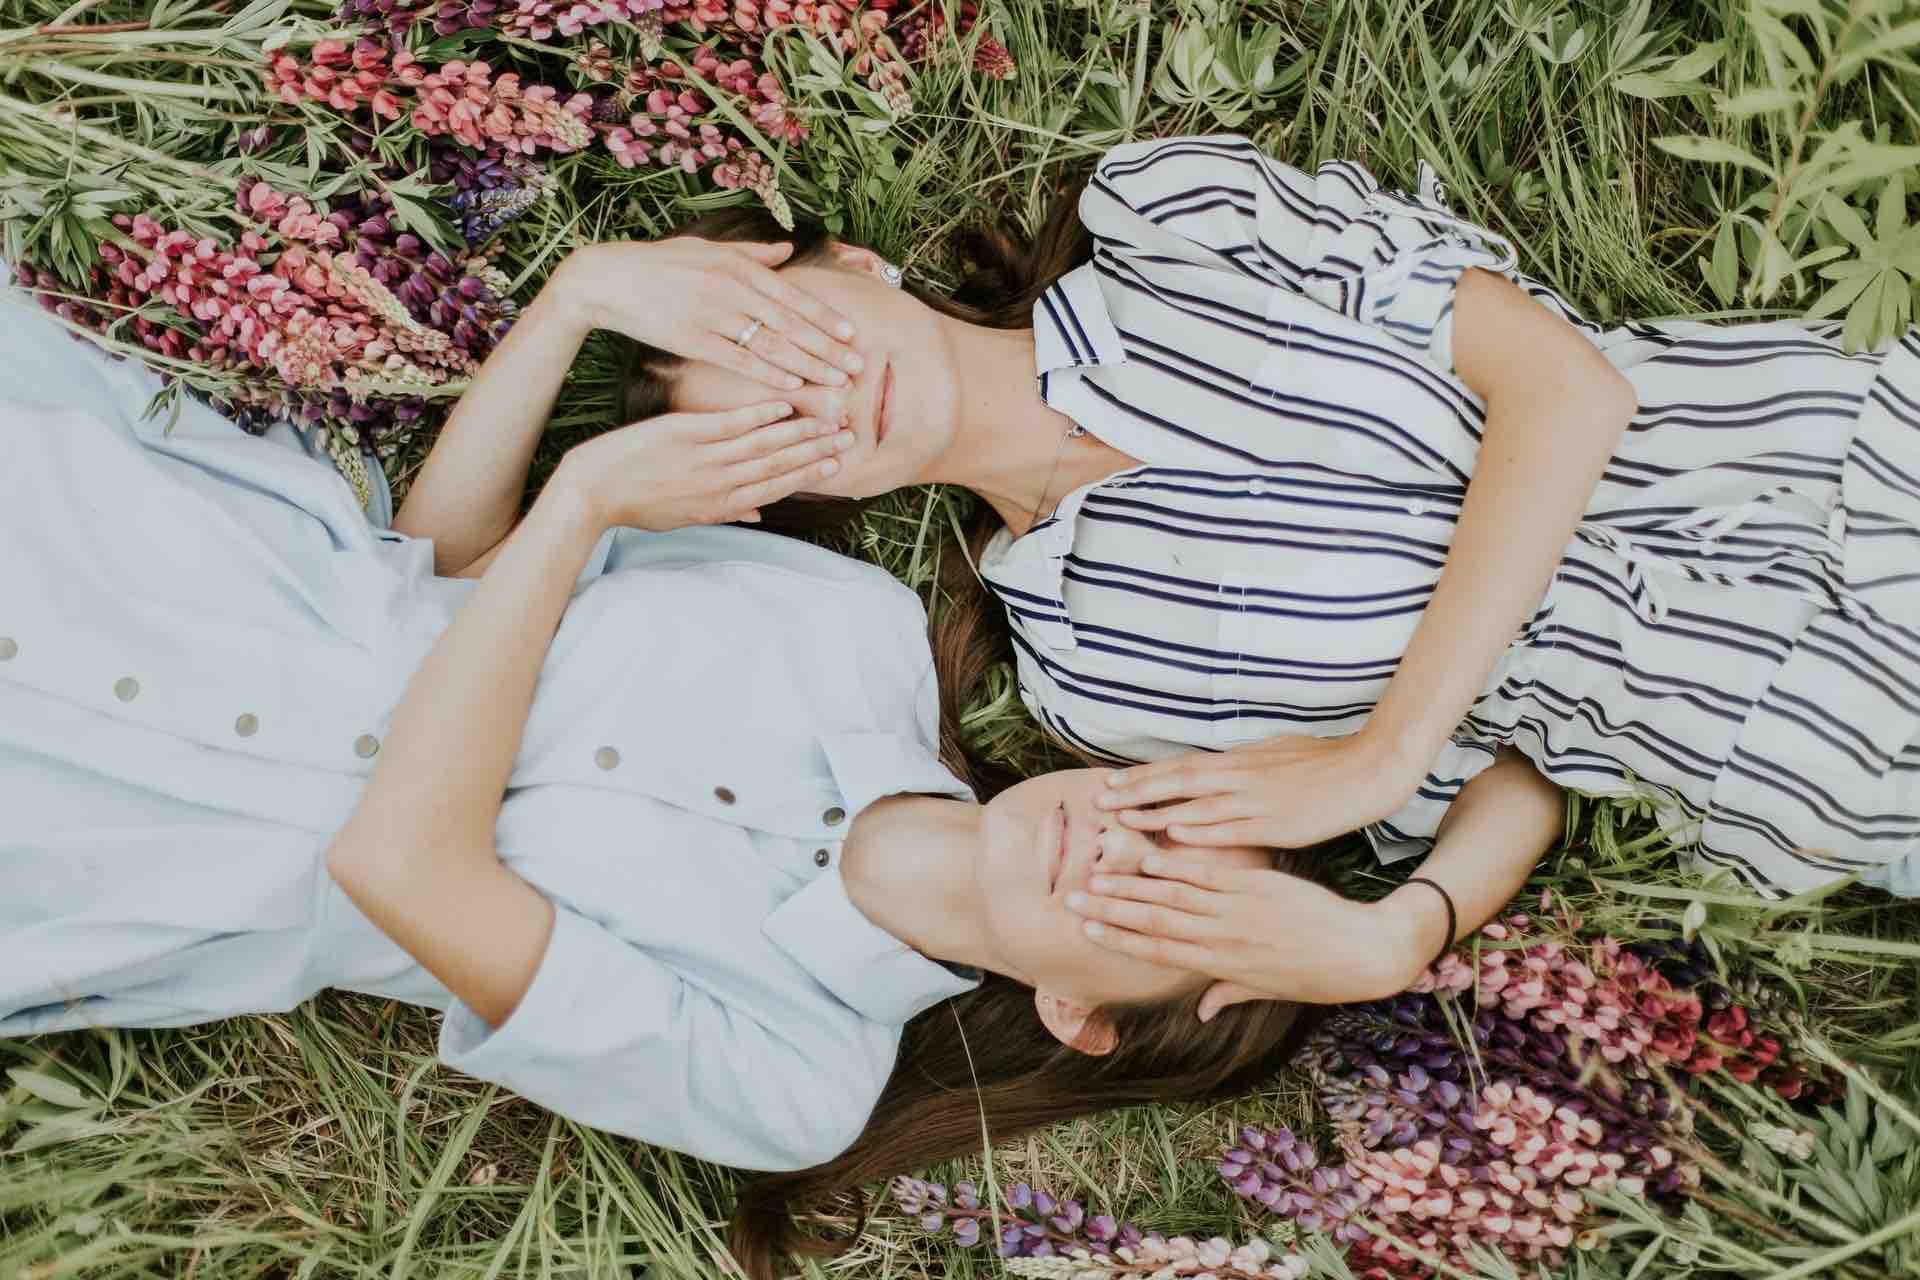 amitié femmes complicité champs fleurs